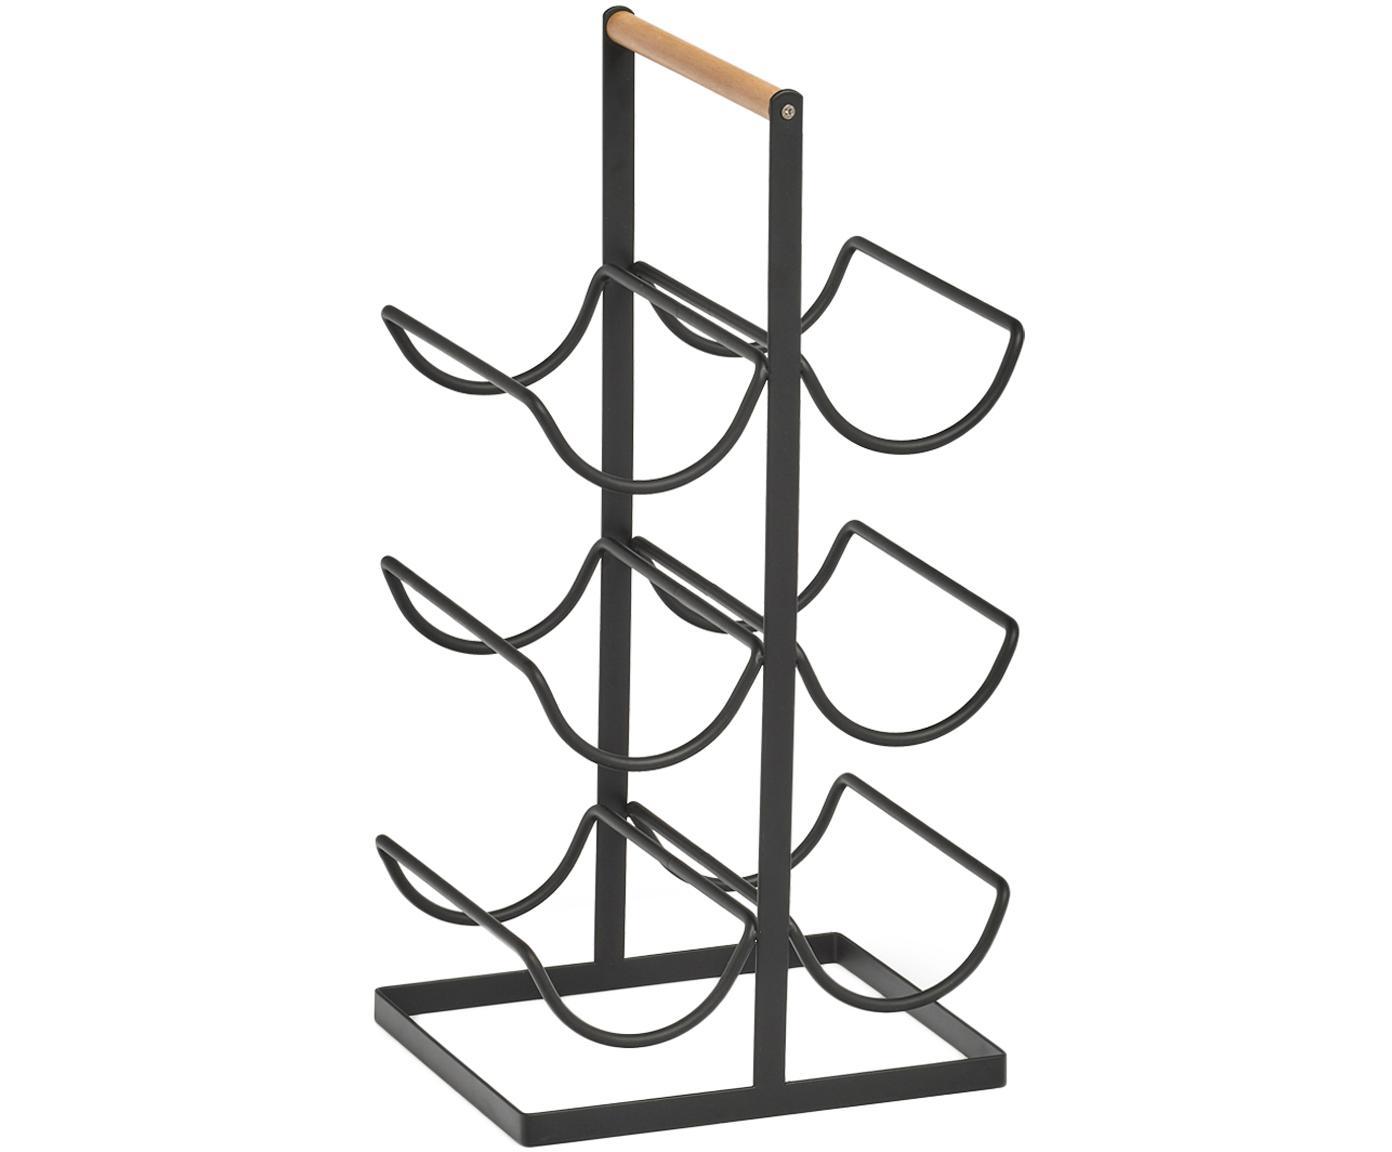 Botellero Hadena, Estructura: metal con pintura en polv, Asa: madera, Negro, madera, An 24 x F 46 cm